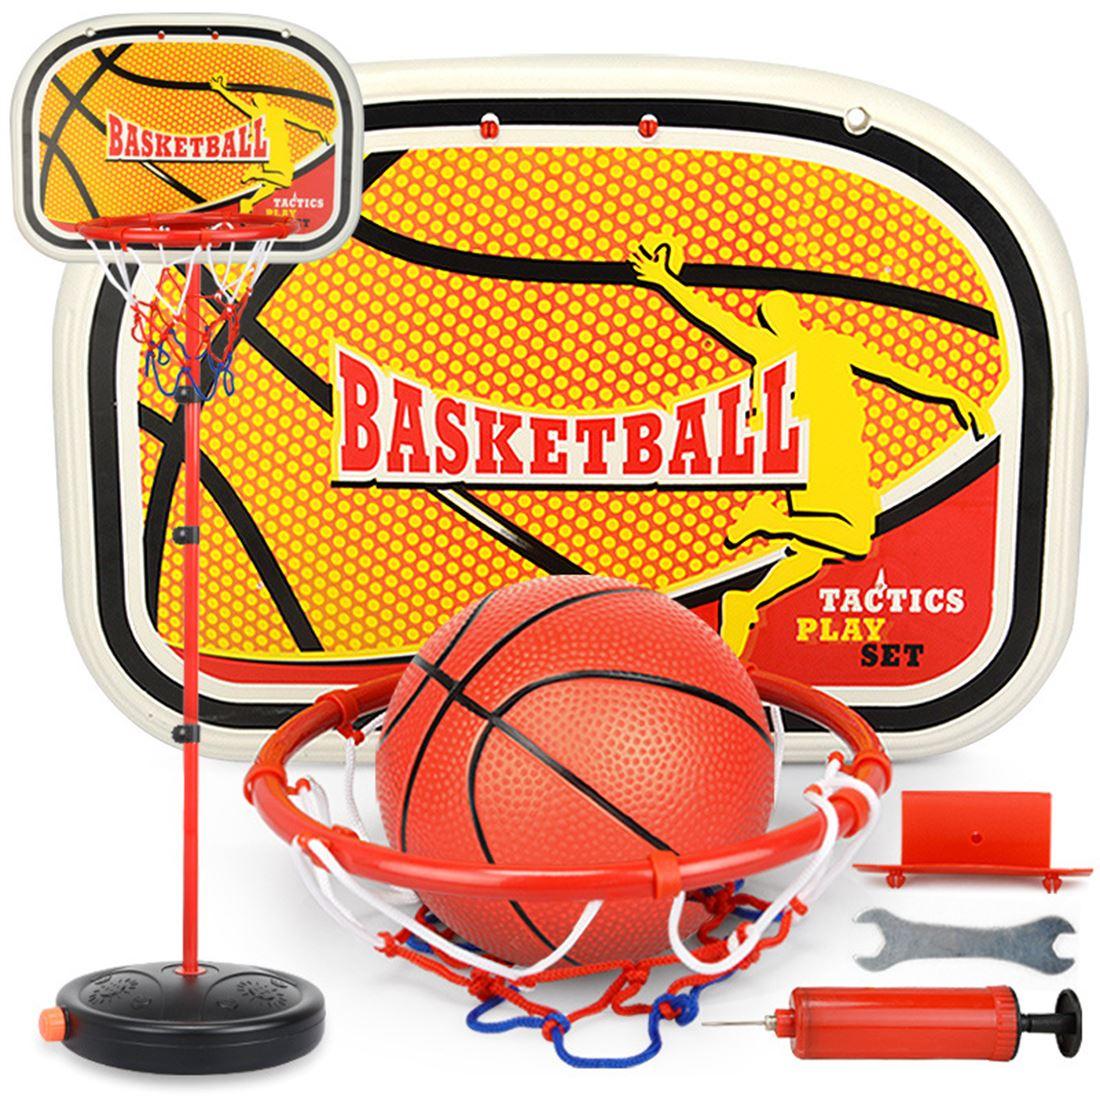 165 cm/200 cm équipement de sport intérieur extérieur levage réglable basket-Ball support de panneau arrière et cerceau ensemble avec balle